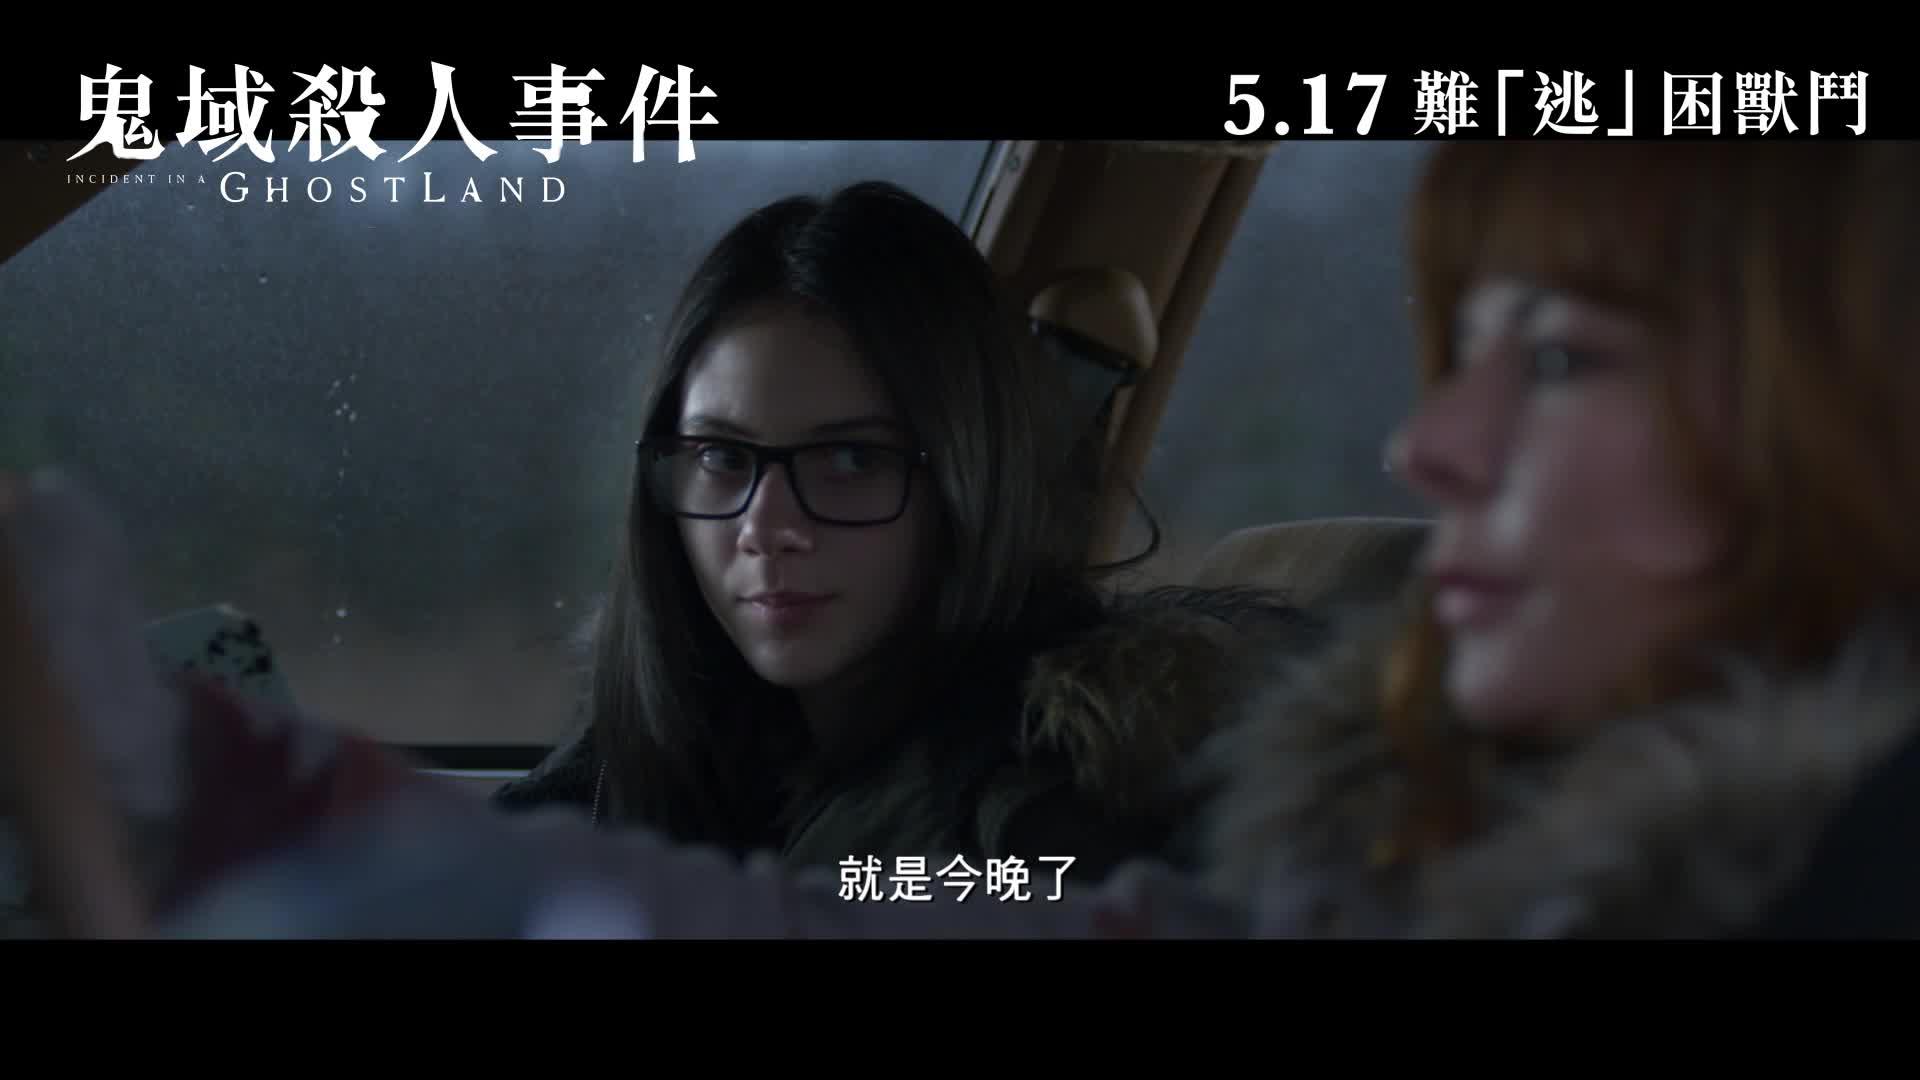 《鬼域殺人事件》中文版預告